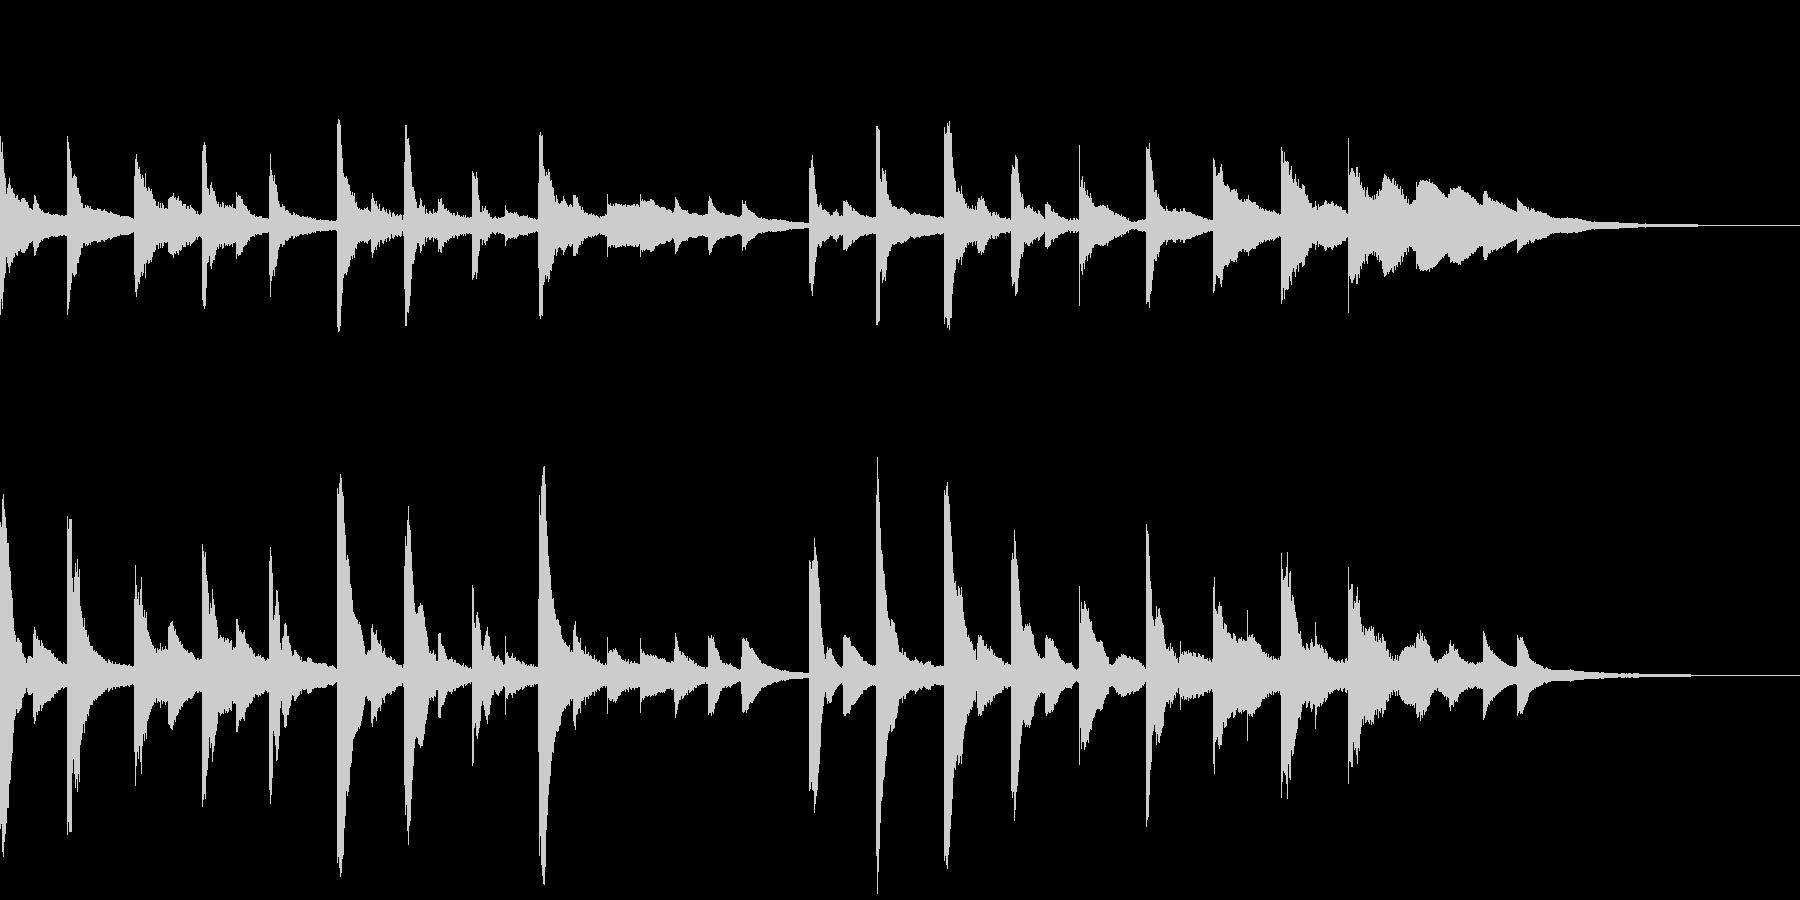 きらきらリズミカルなグロッケンの未再生の波形